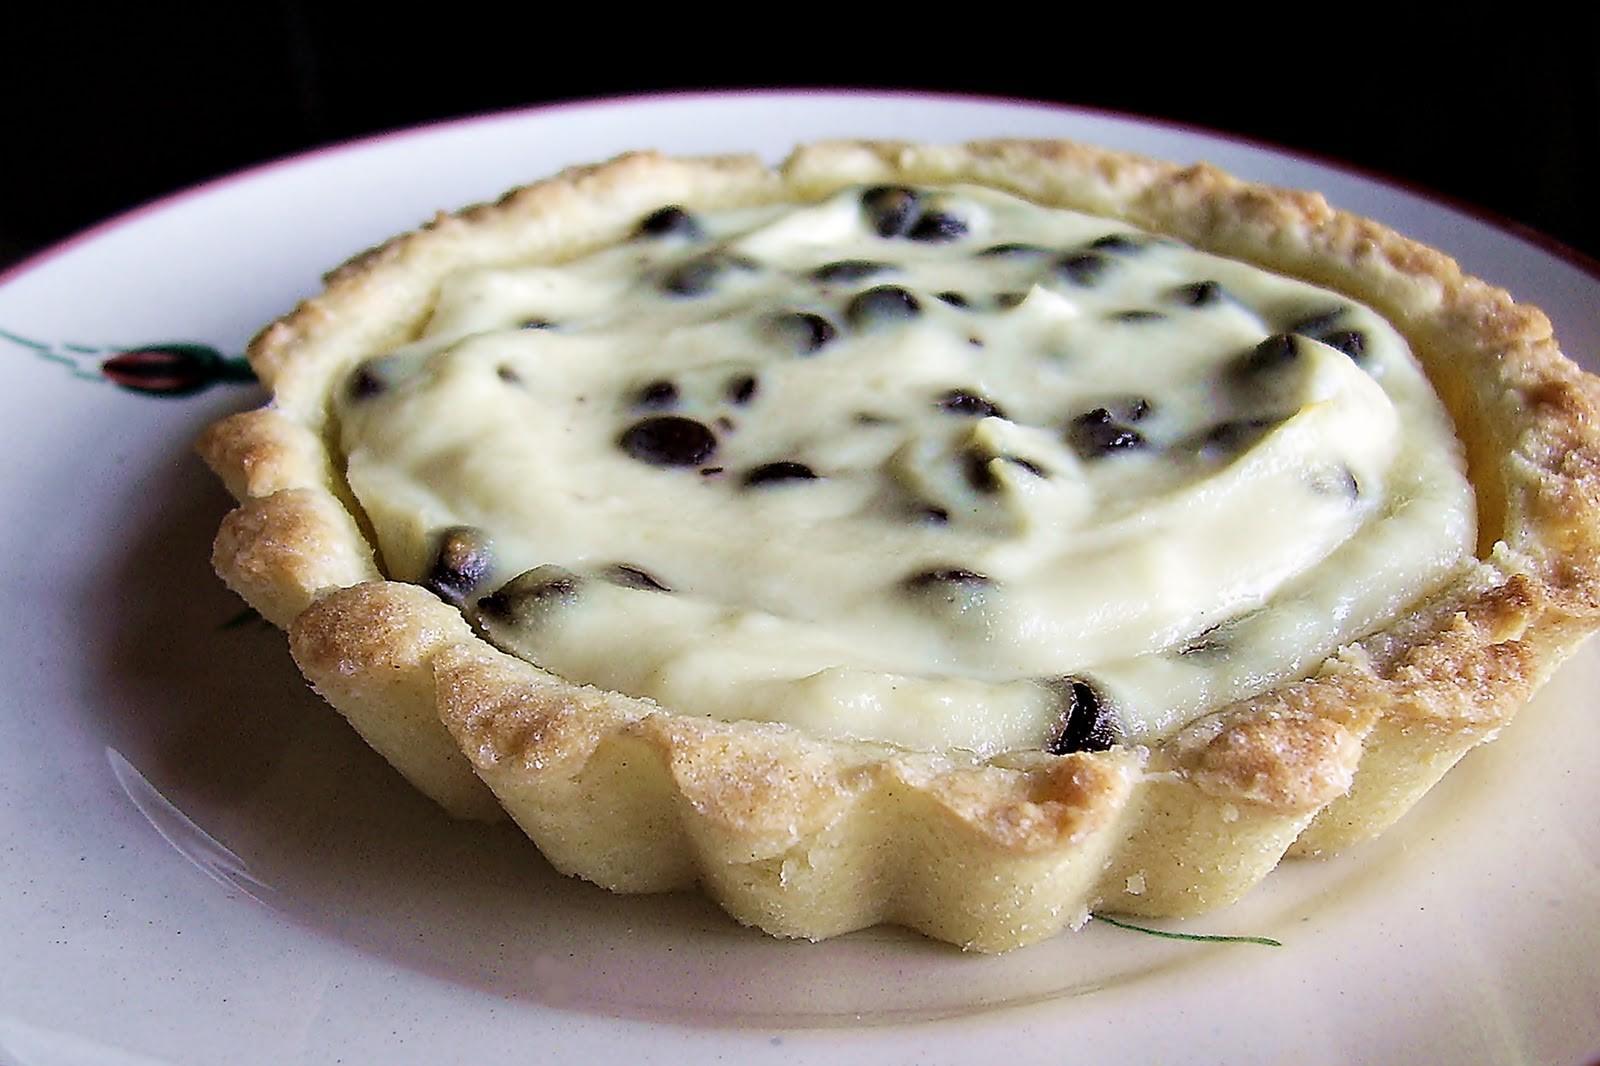 Come si fa la crostata al mascarpone e ricotta?